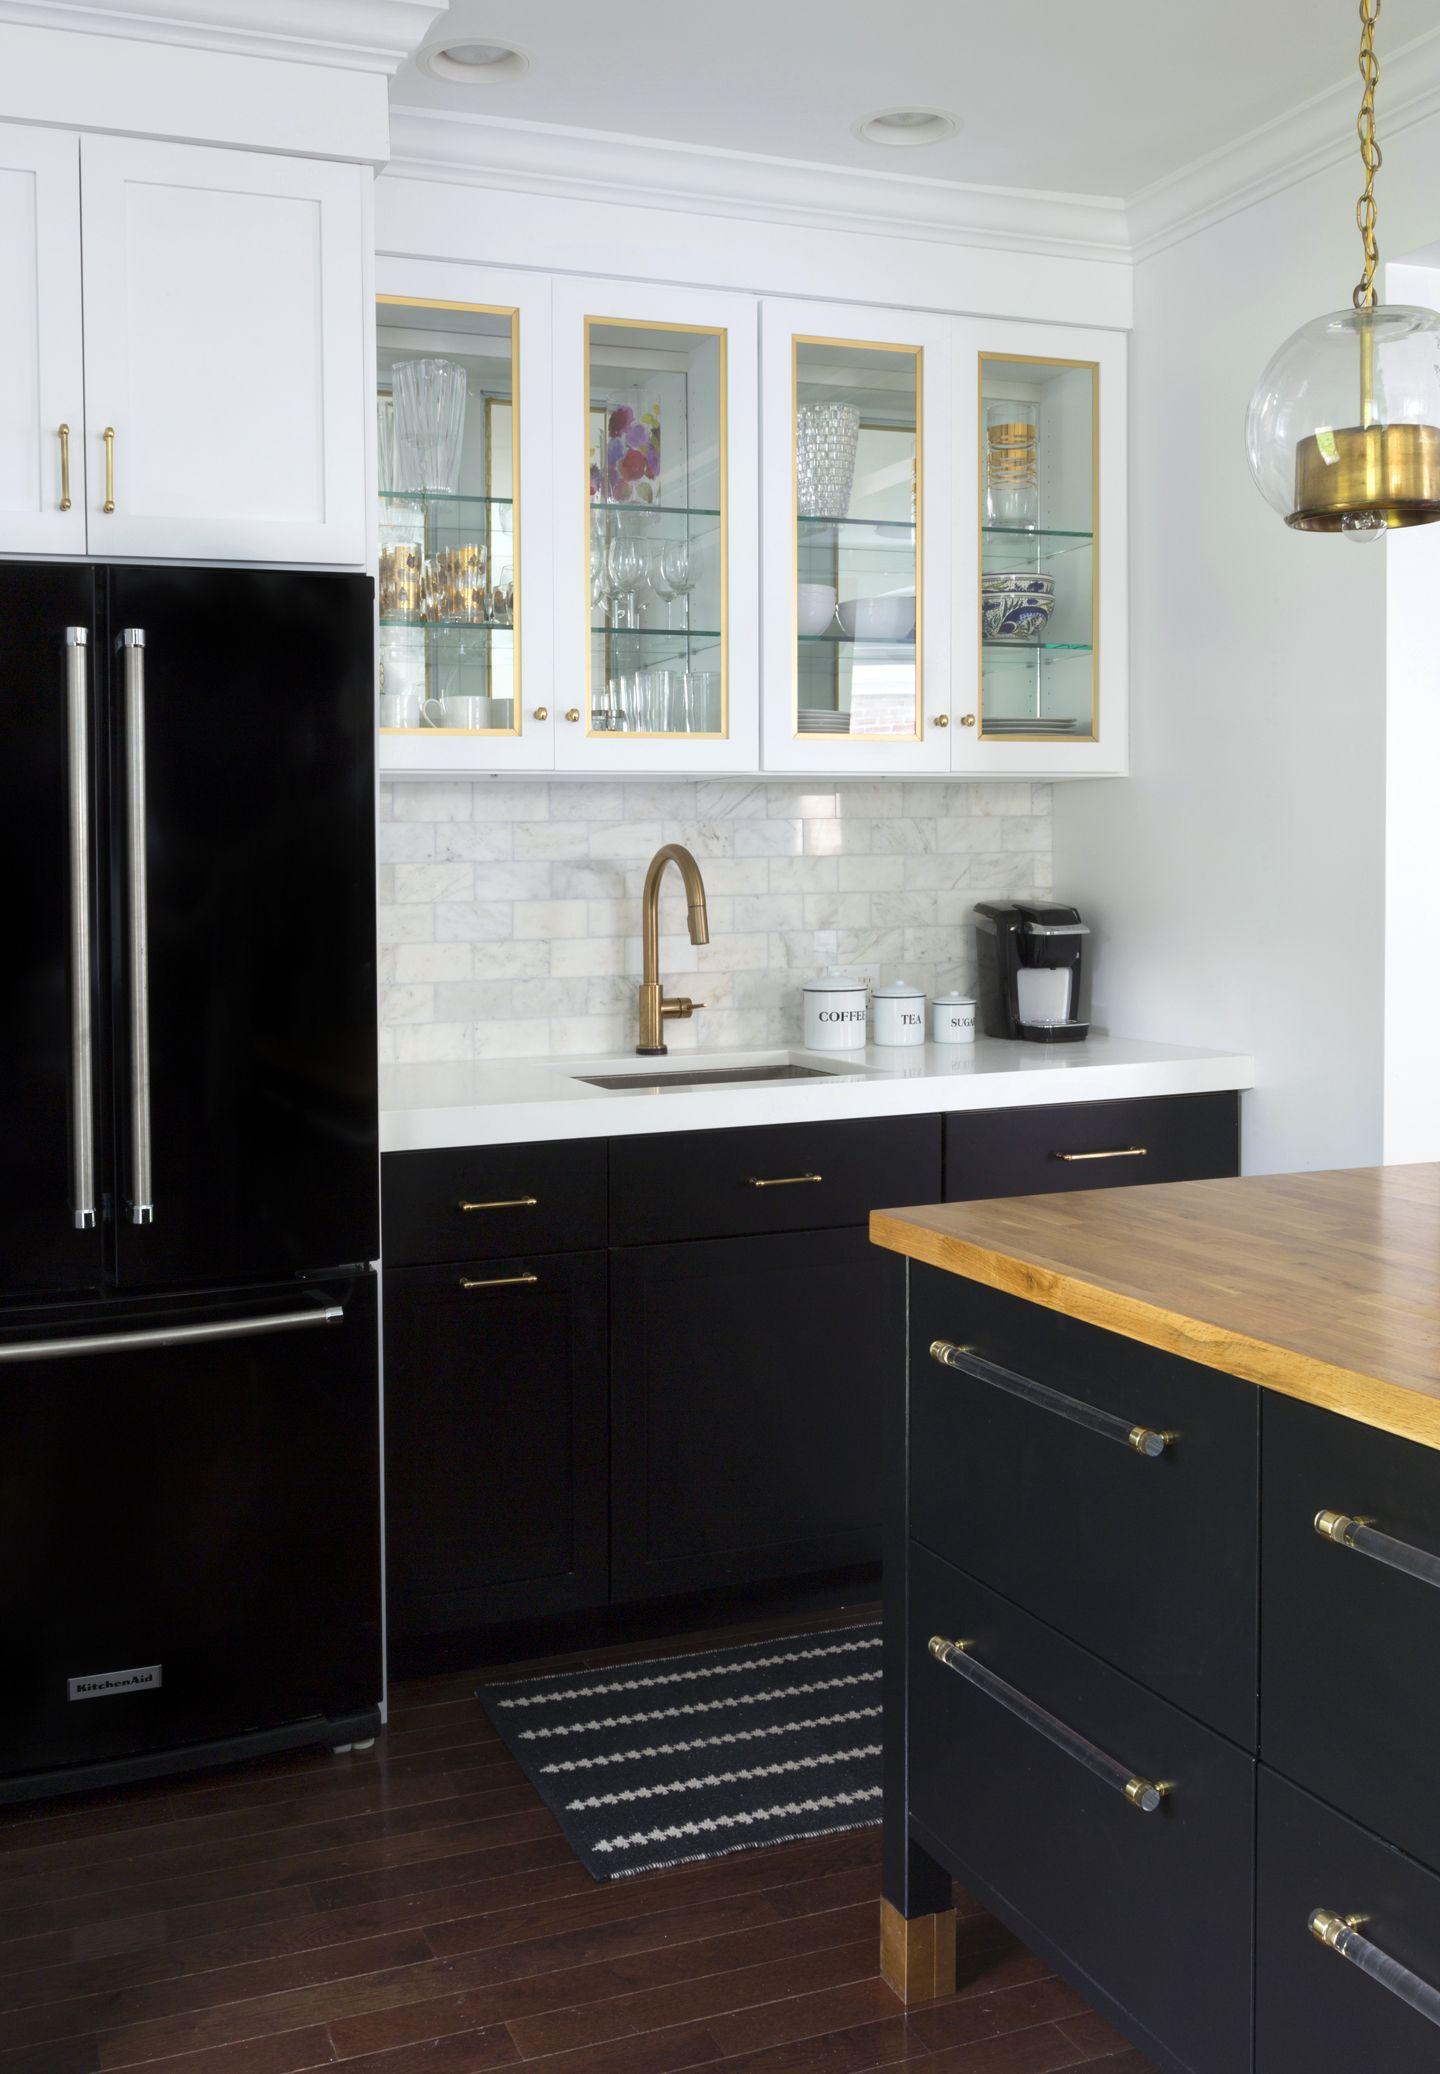 kitchen floor cabinets Black refrigerator with black base cabinets and white upper cabinets marble subway tile brass hardware kitchen